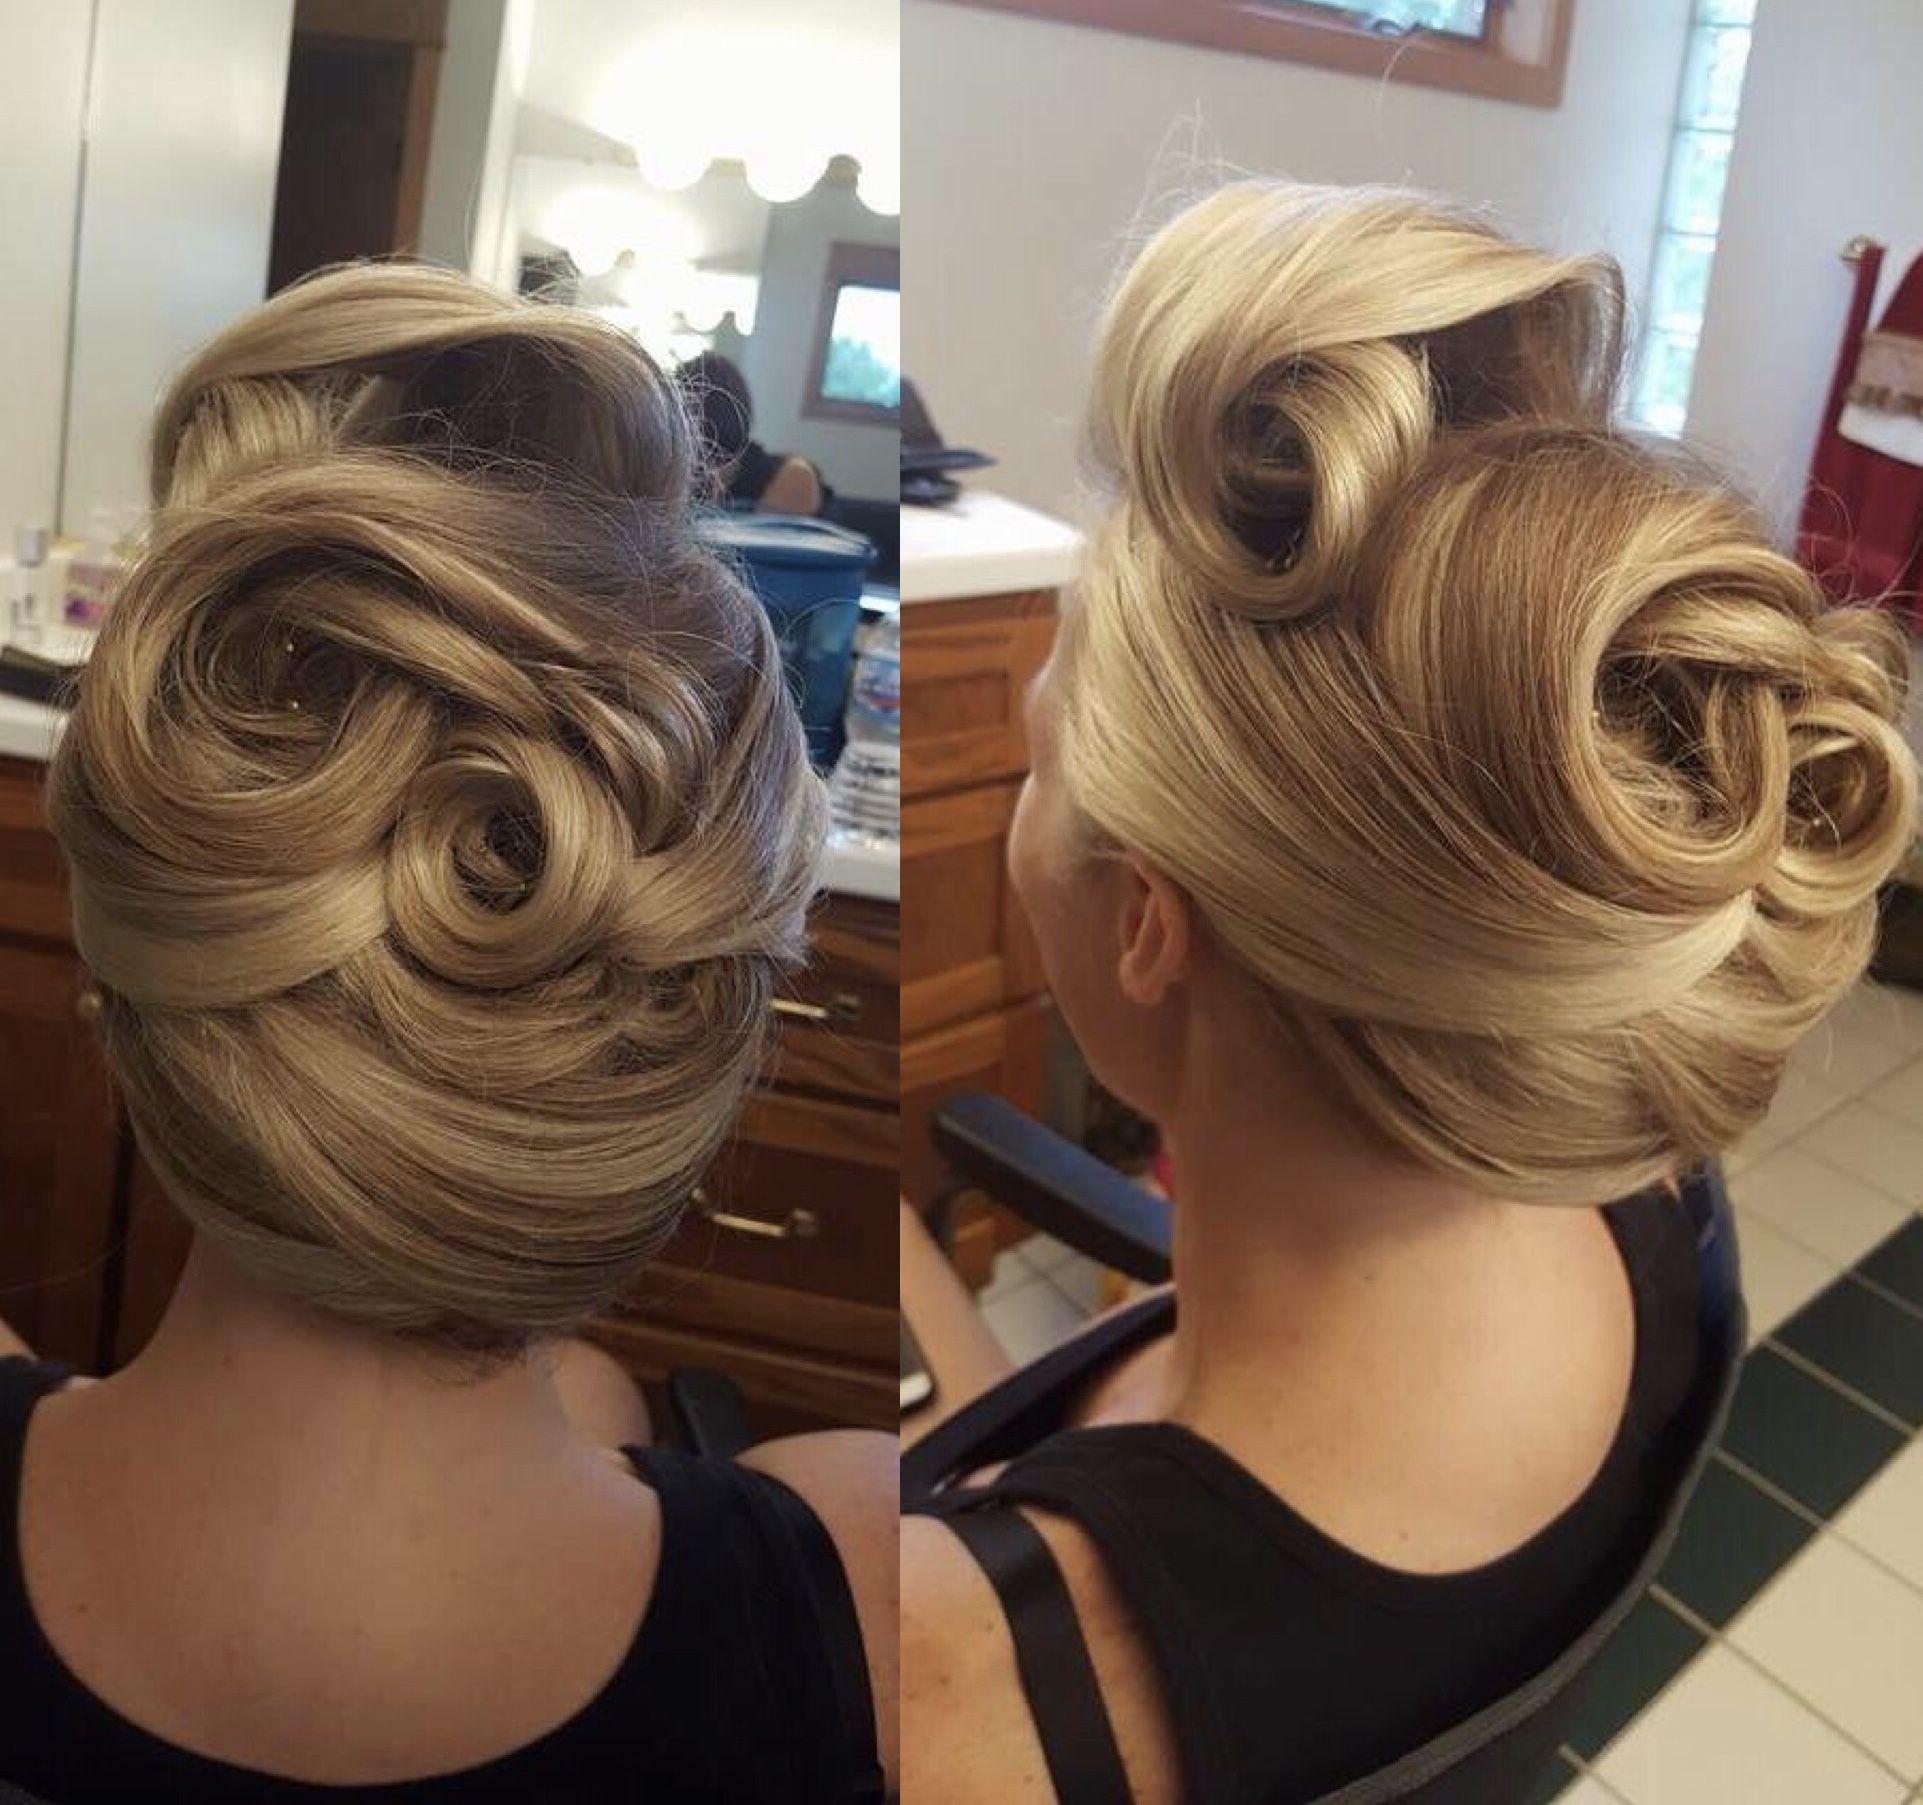 Rockabilly Wedding Ideas: Rockabilly Wedding Hair For My Fun Bride. She Looked